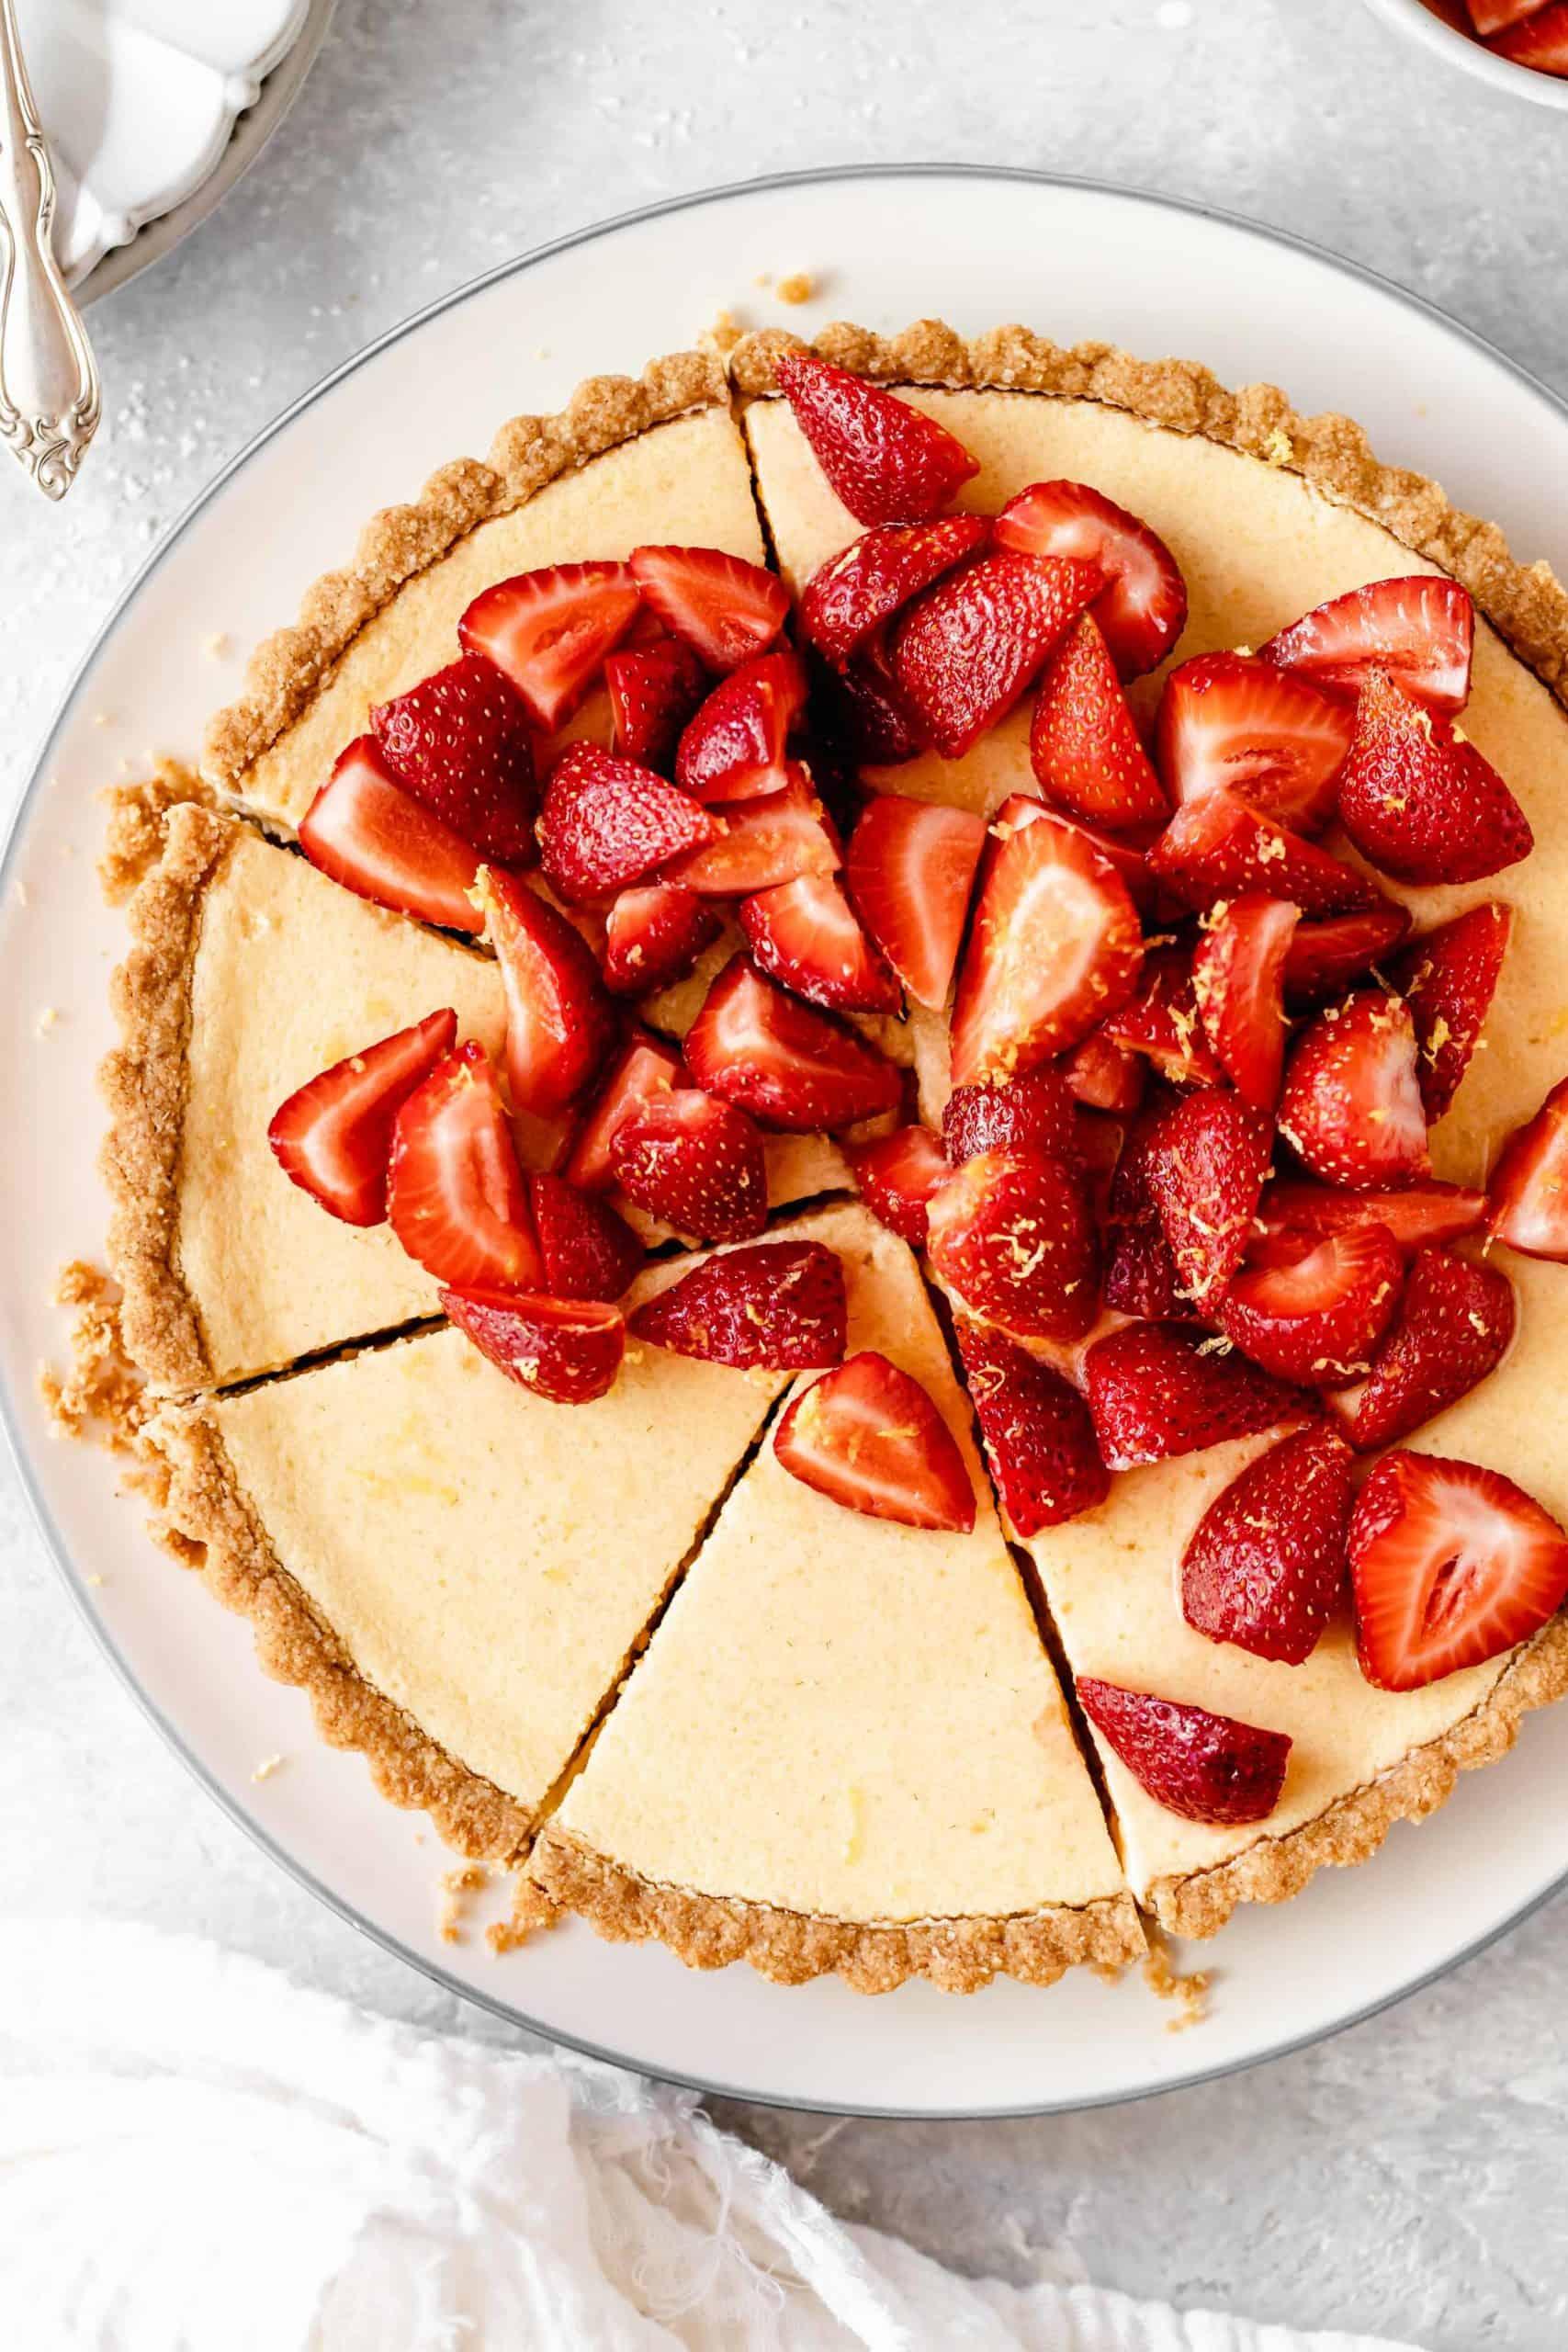 Sliced lemon tart with strawberries